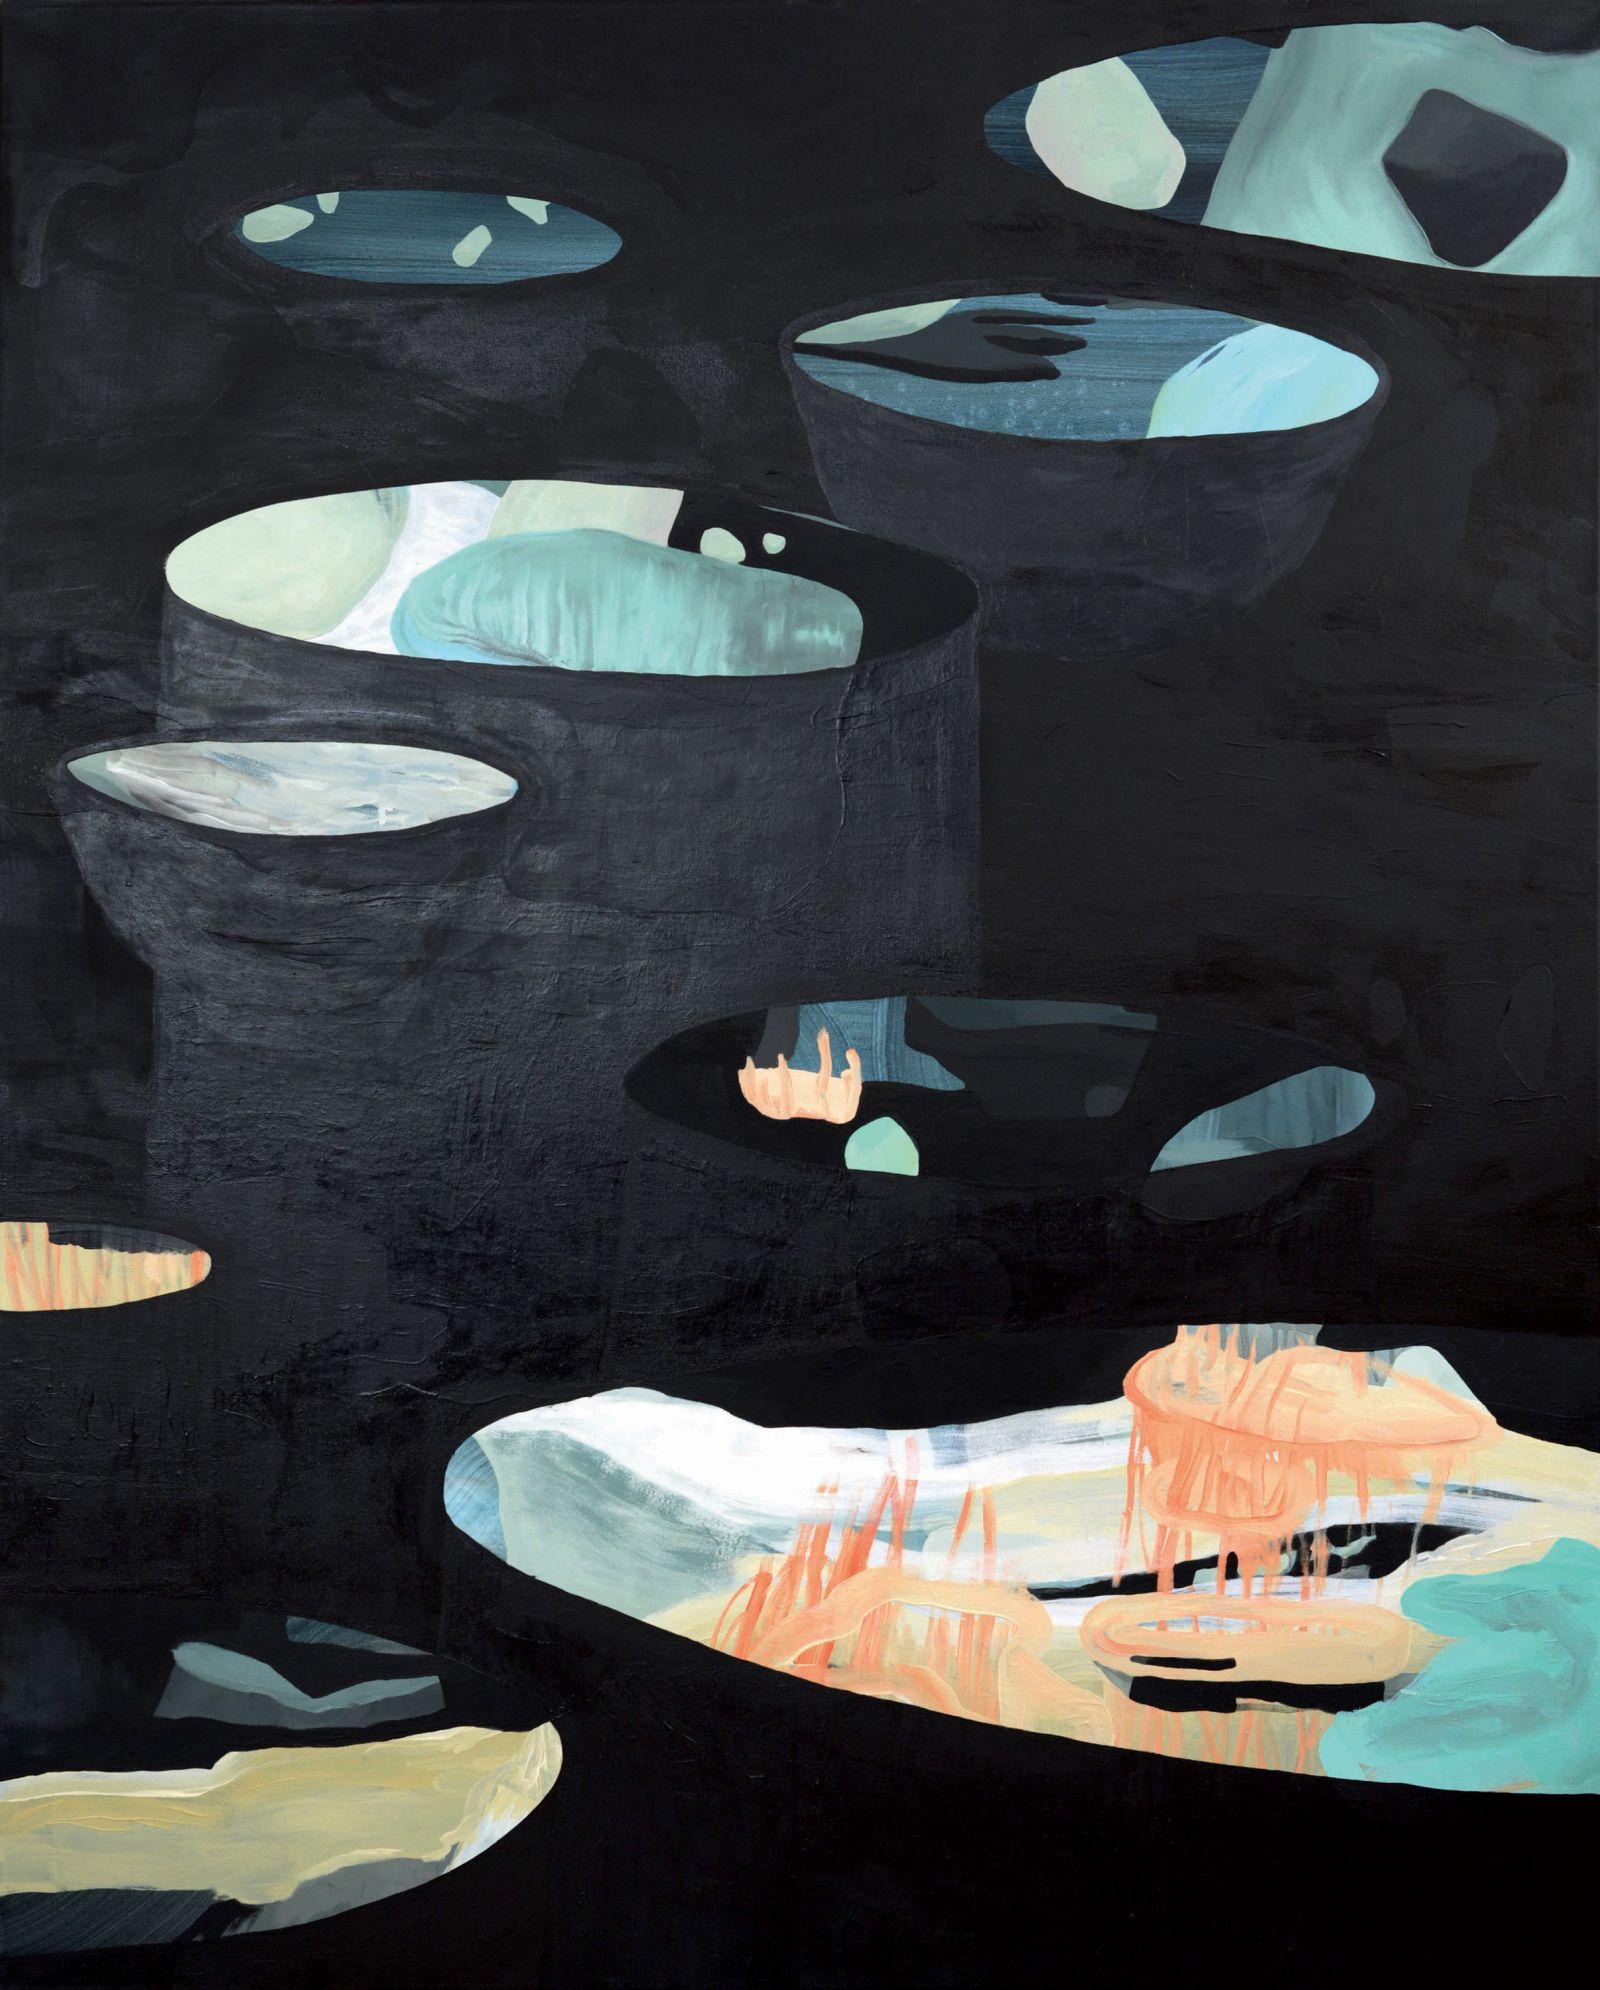 armelle-de-sainte-marie-ubik-2012-huile-sur-toile-150x120cm-01eec1ef676e175f29258615452b34f3